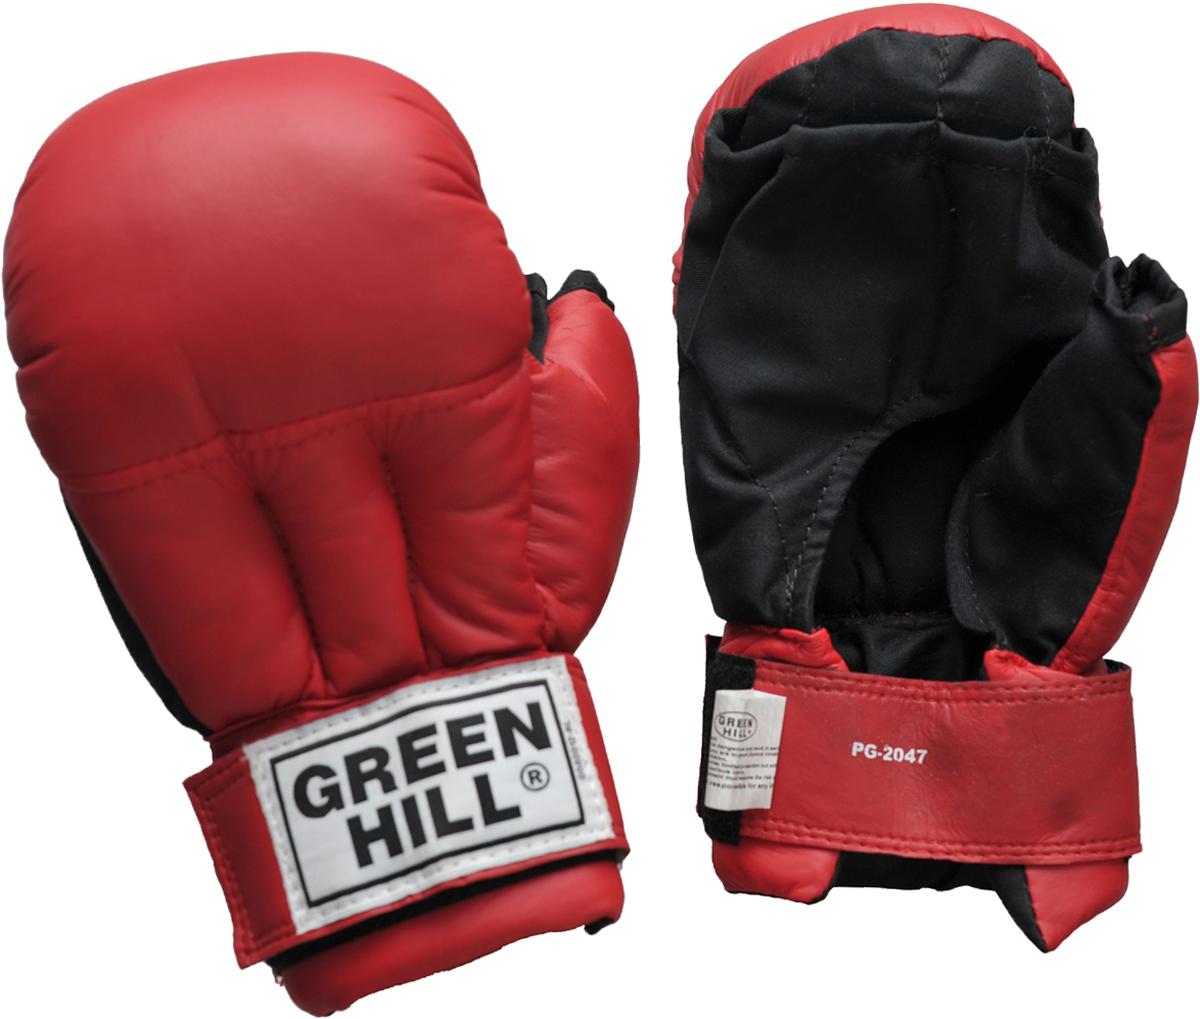 Перчатки для рукопашного боя Green Hill, цвет: красный. Размер XLPG-2047Перчатки для рукопашного боя. Сделаны из высококачественного кожзама, манжеты на «липучке».